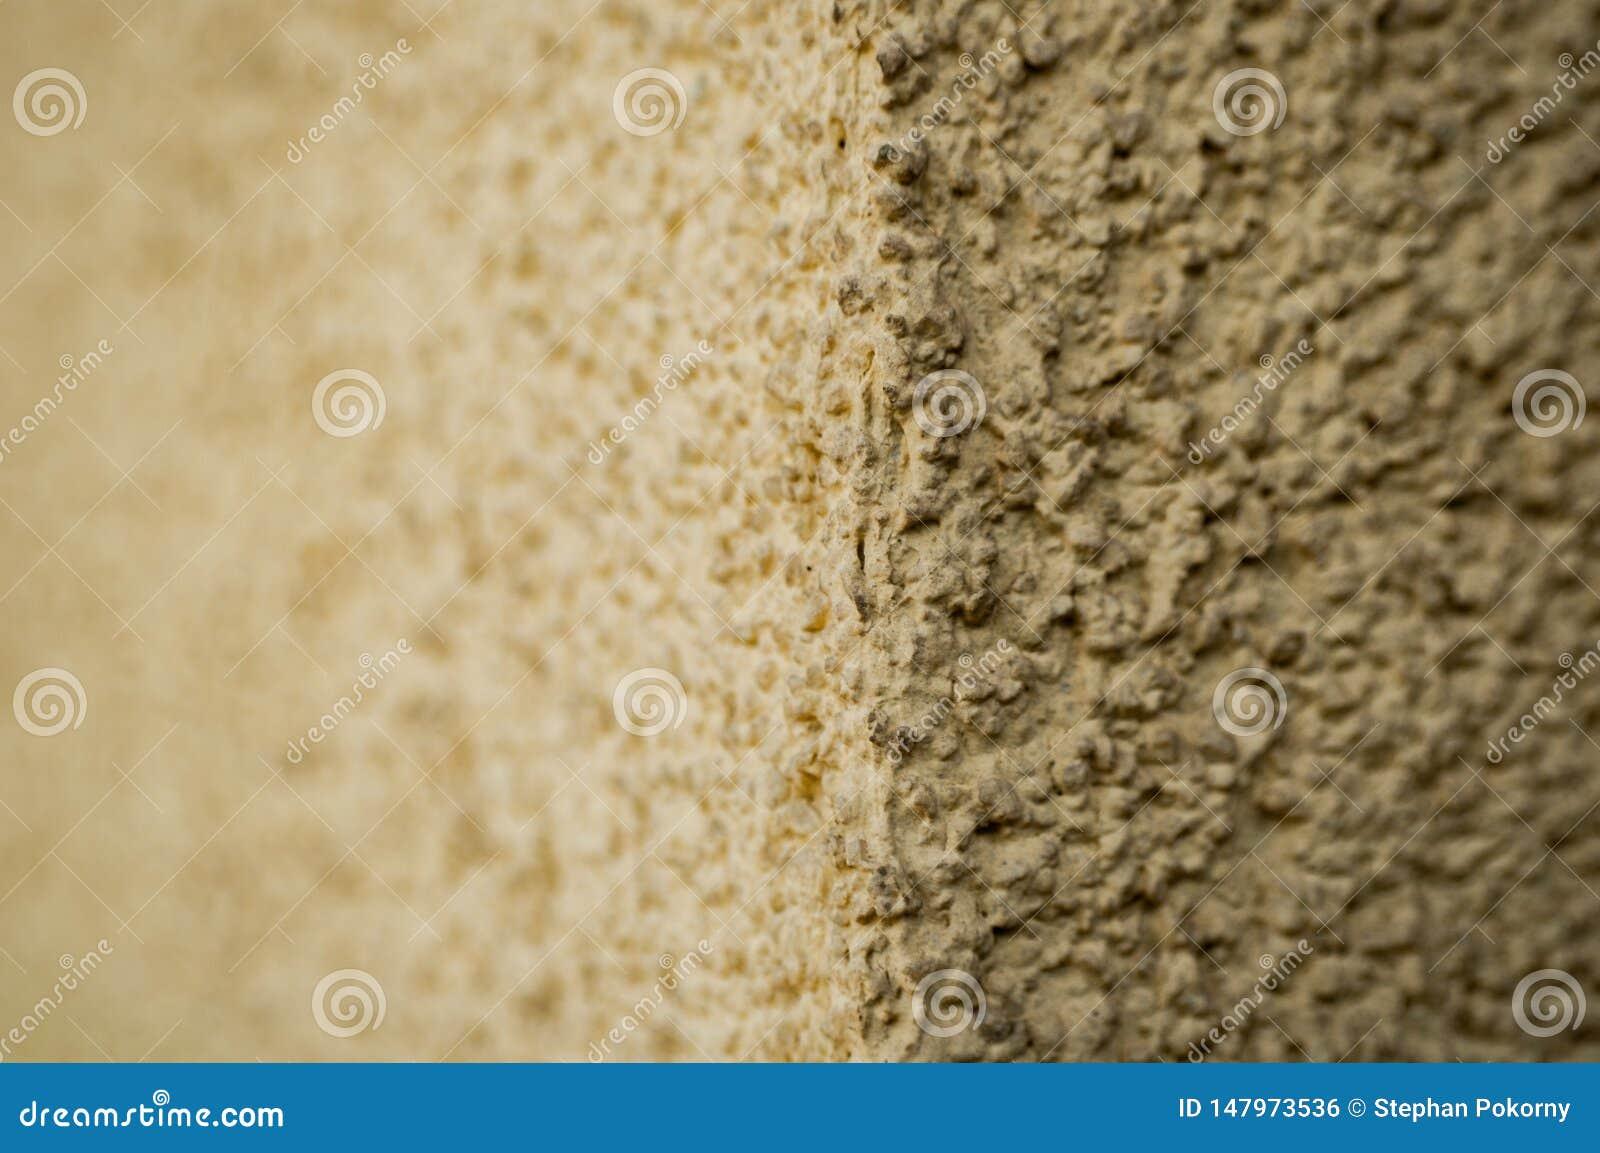 Fim da textura da parede da casa acima